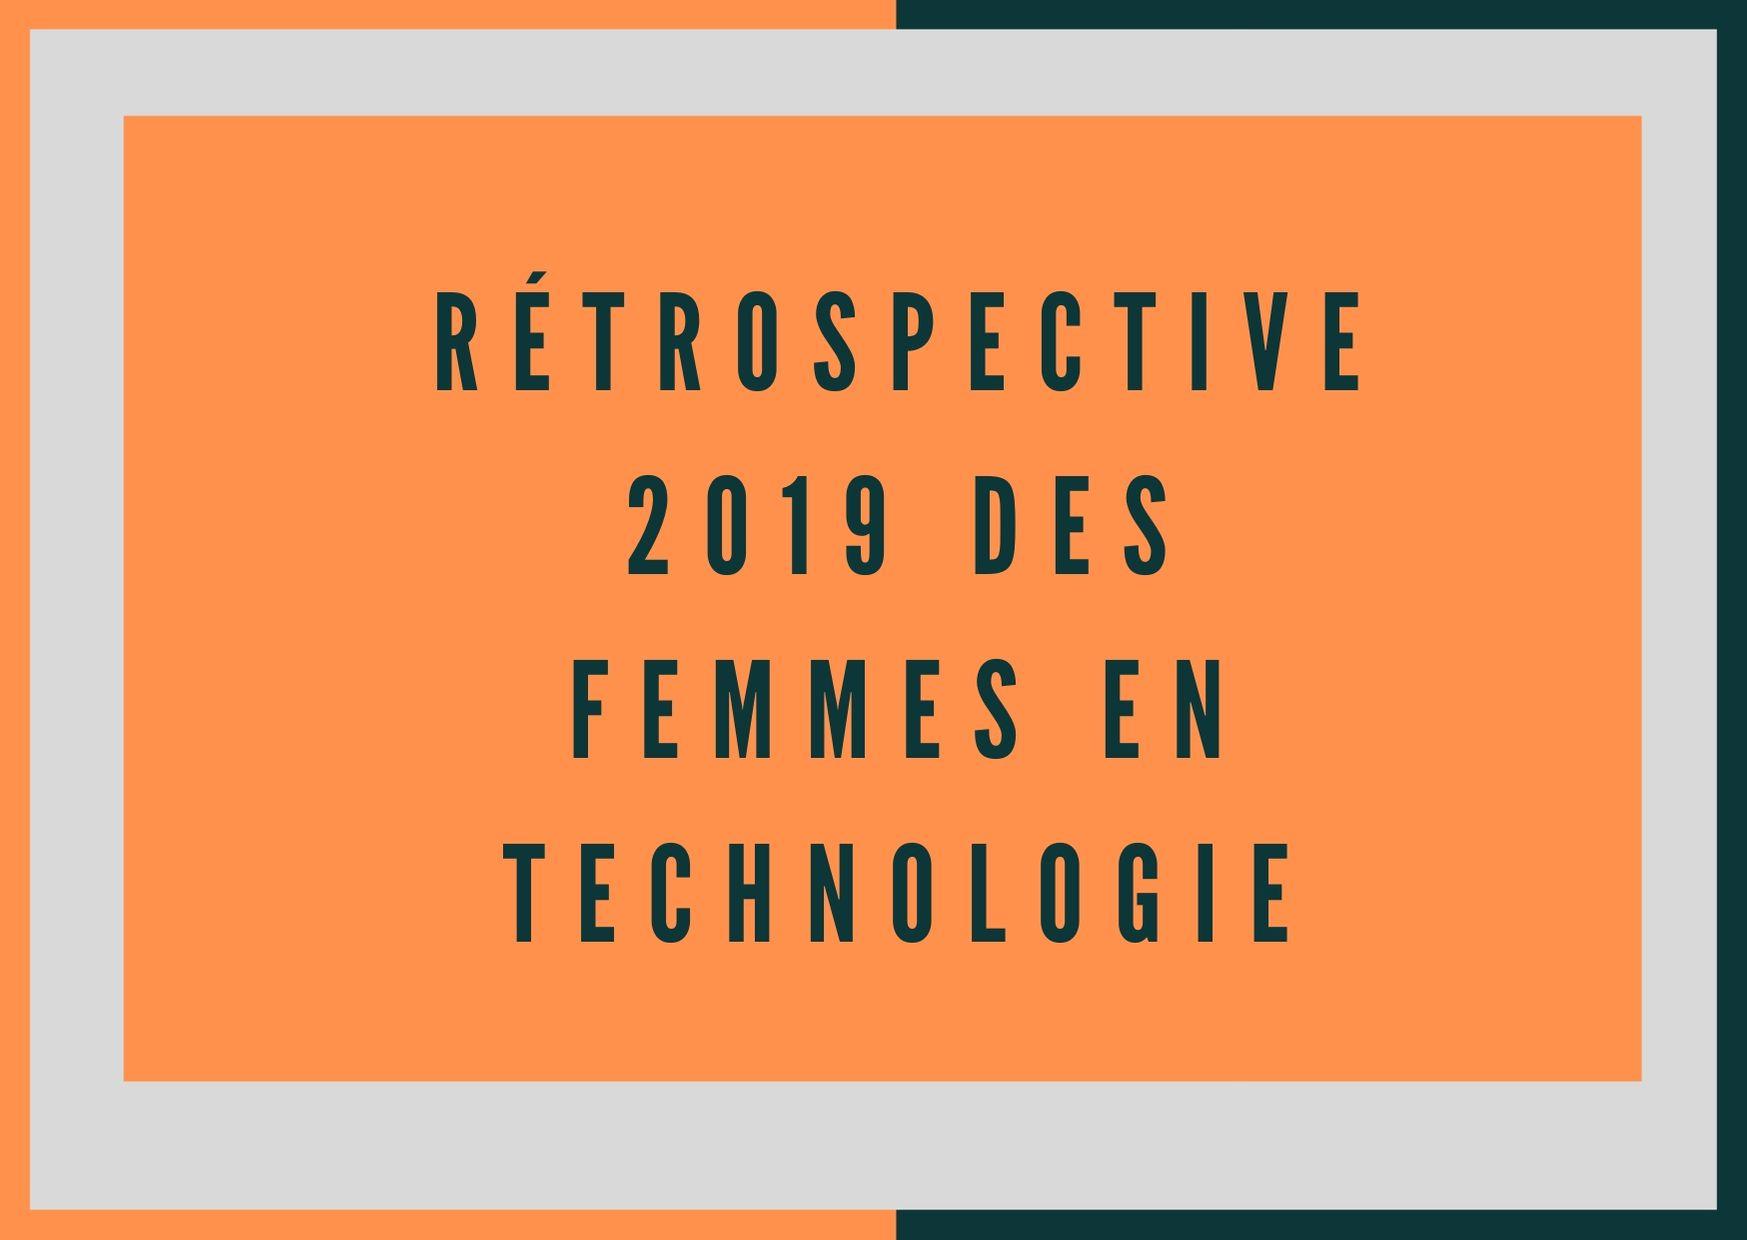 rétrospective 2019 des femmes en technologie